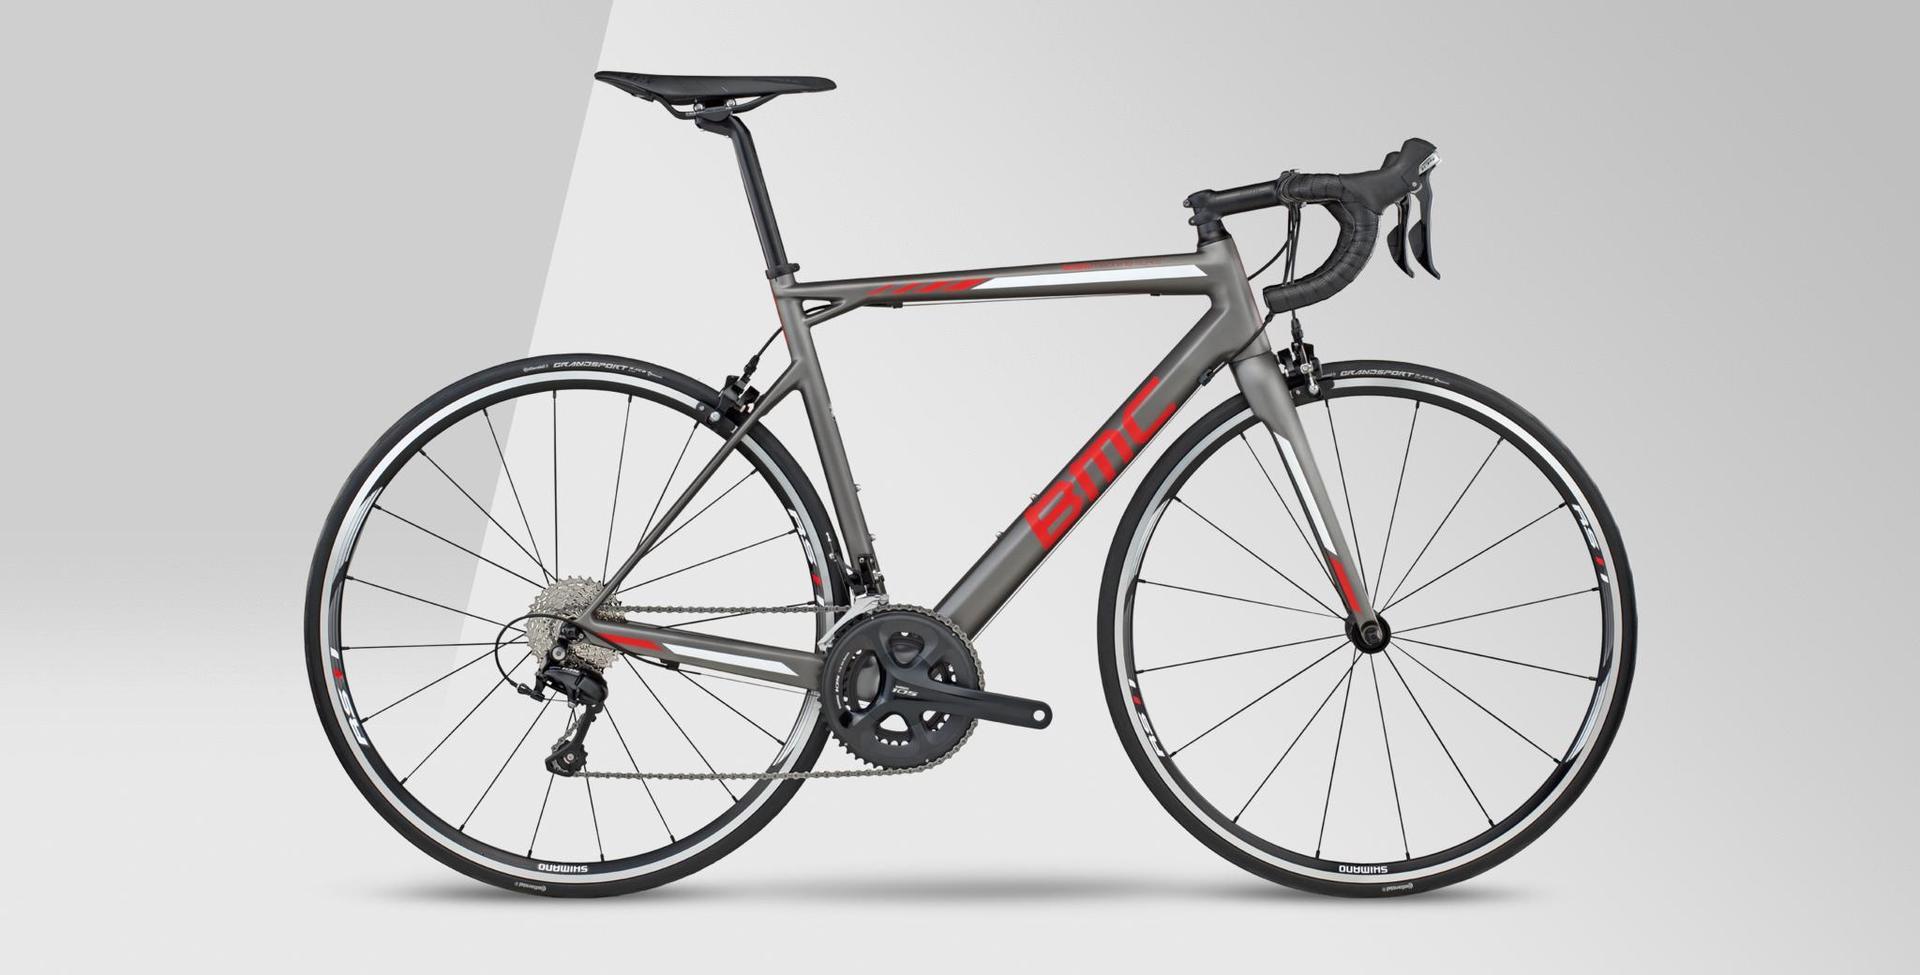 bicicletta da strada con telaio grigio e rossa